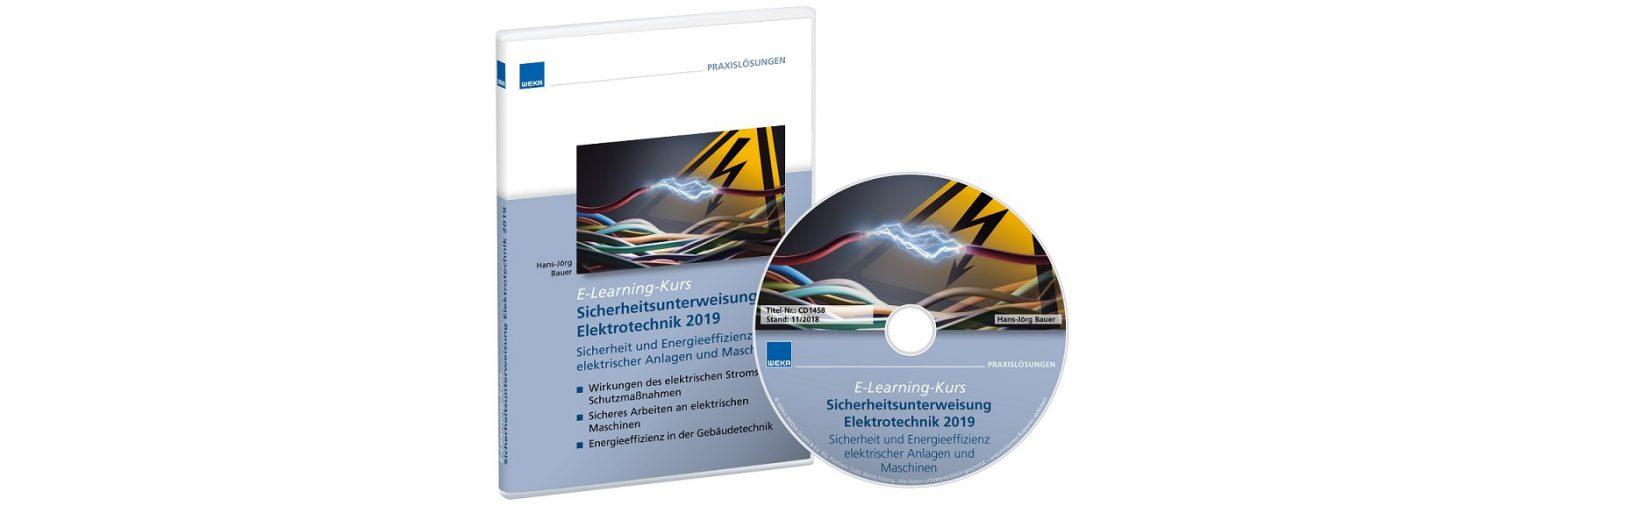 Die E-Learning-Lösung zur Selbstschulung der jährlichen Elektrotechnik-Unterweisungen.